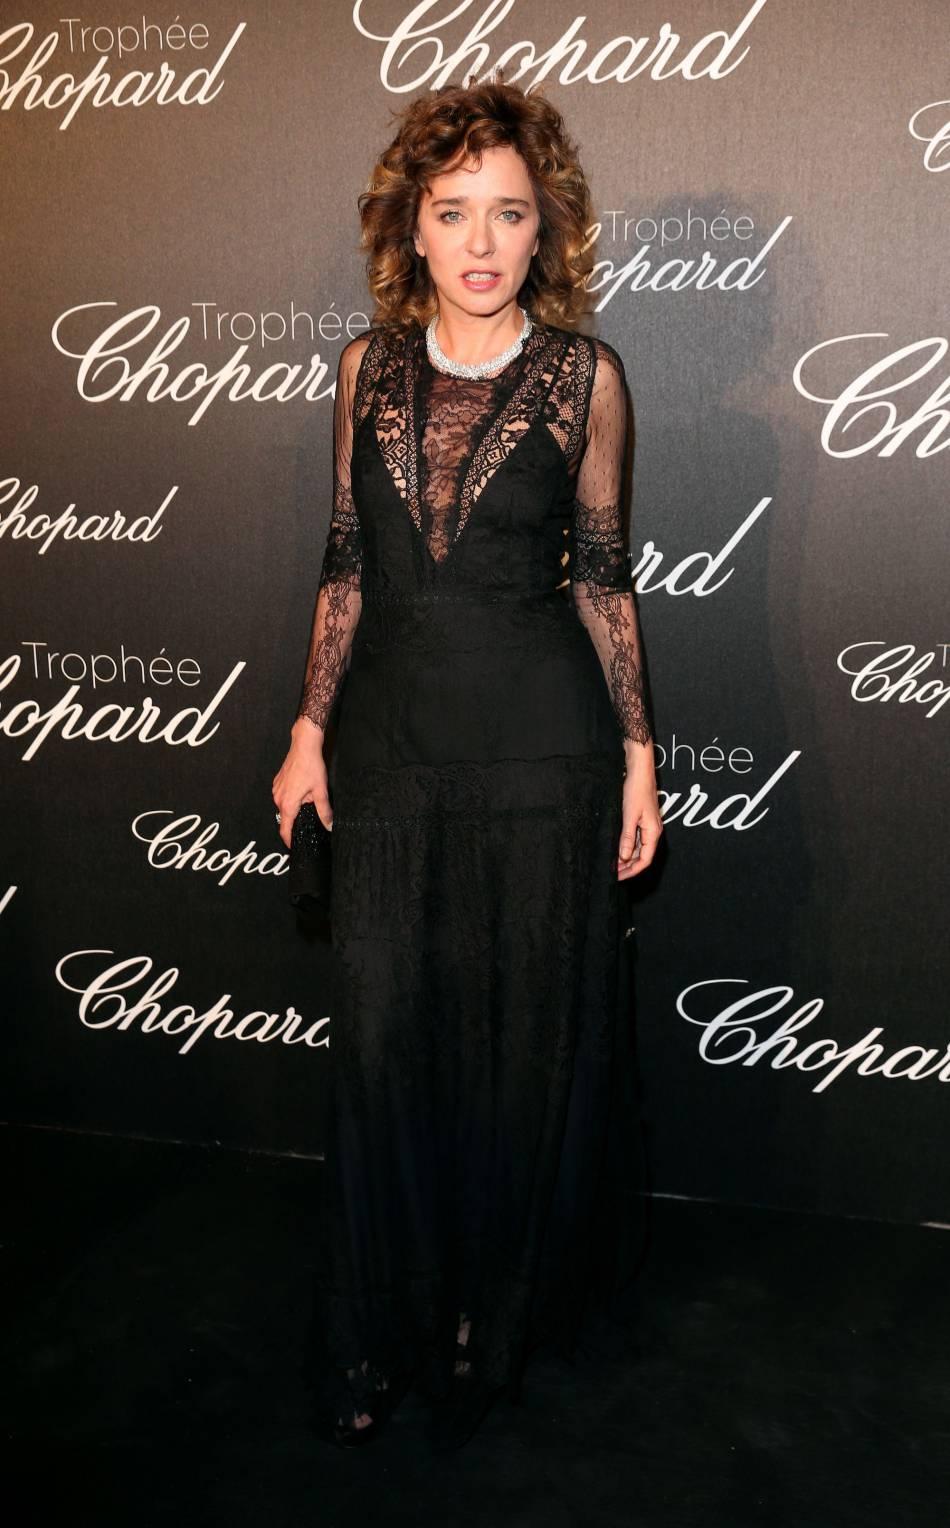 Valeria Golino lors de la cérémonie du Tropée Chopard organisée le 12 mai 2016 à Cannes.